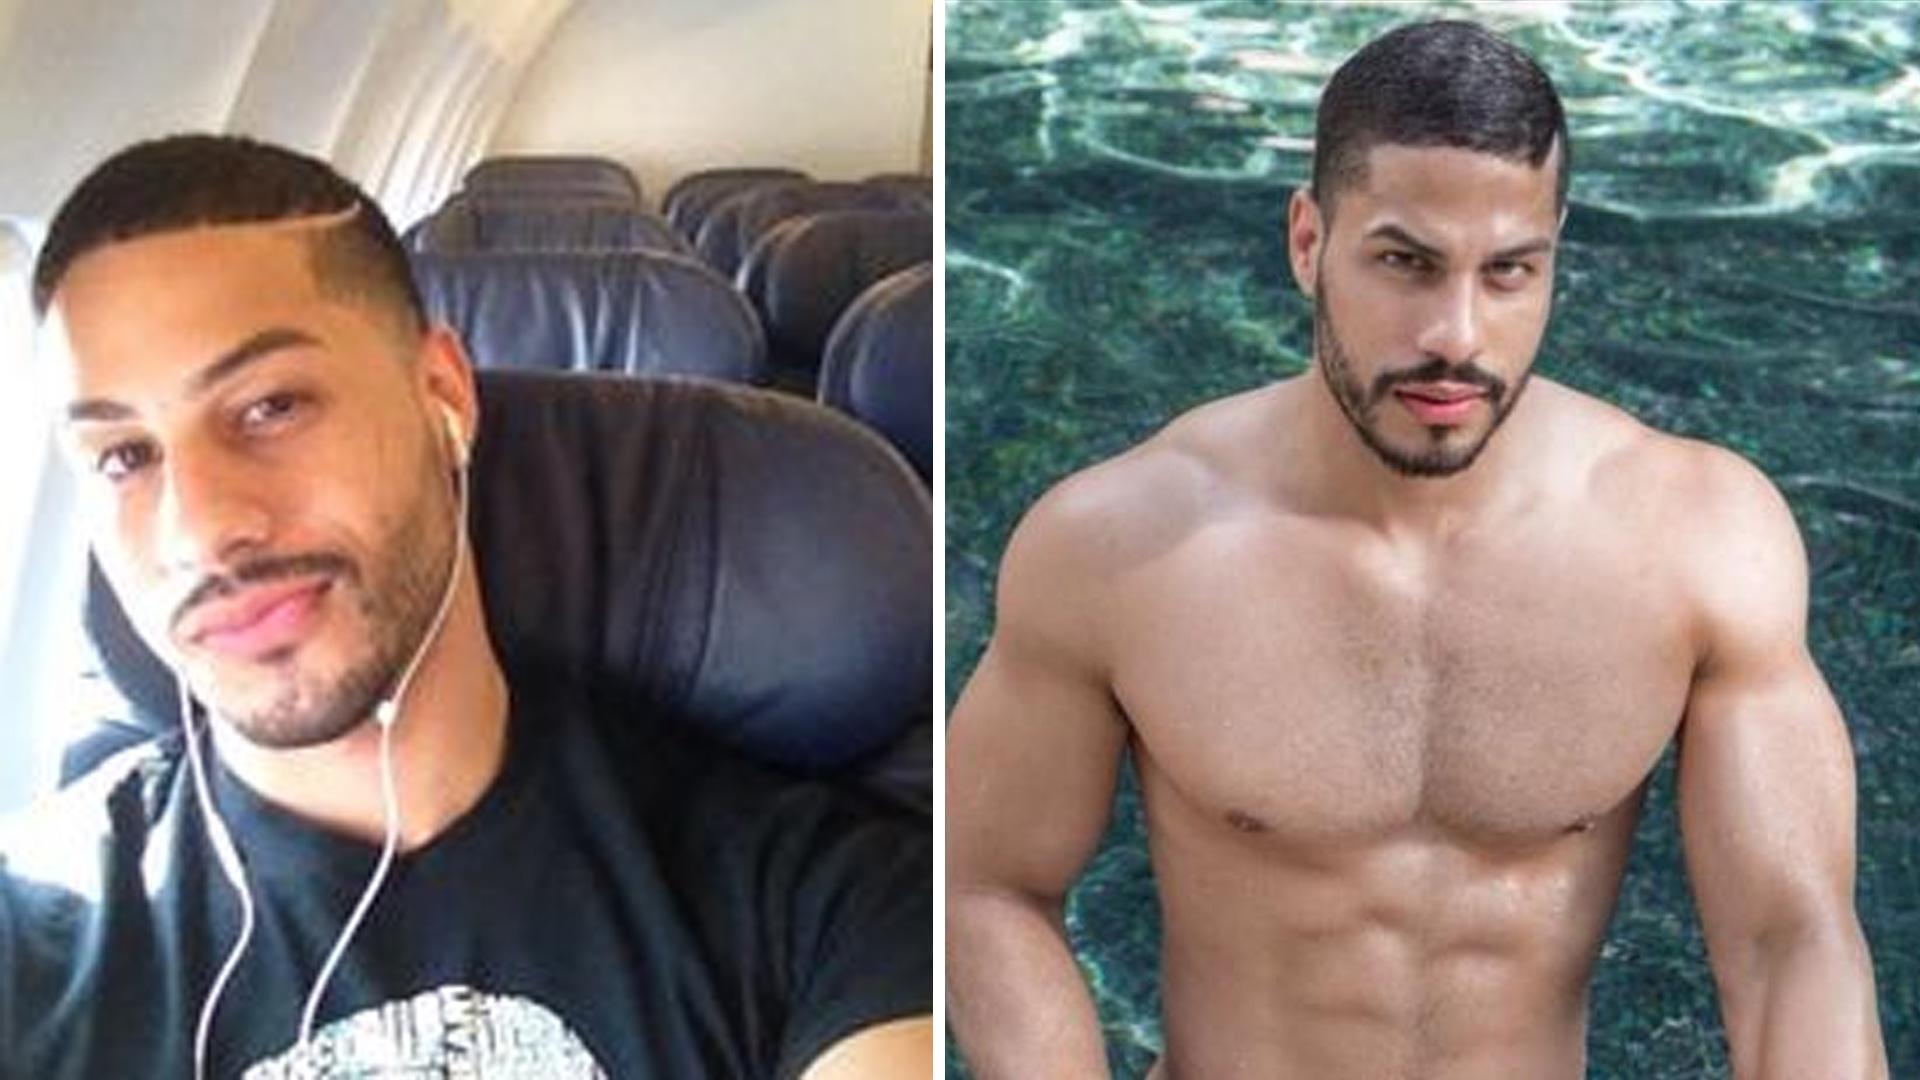 Actores Porno Estados Unidos actor porno gay terminó detenido por agredir a su novio por